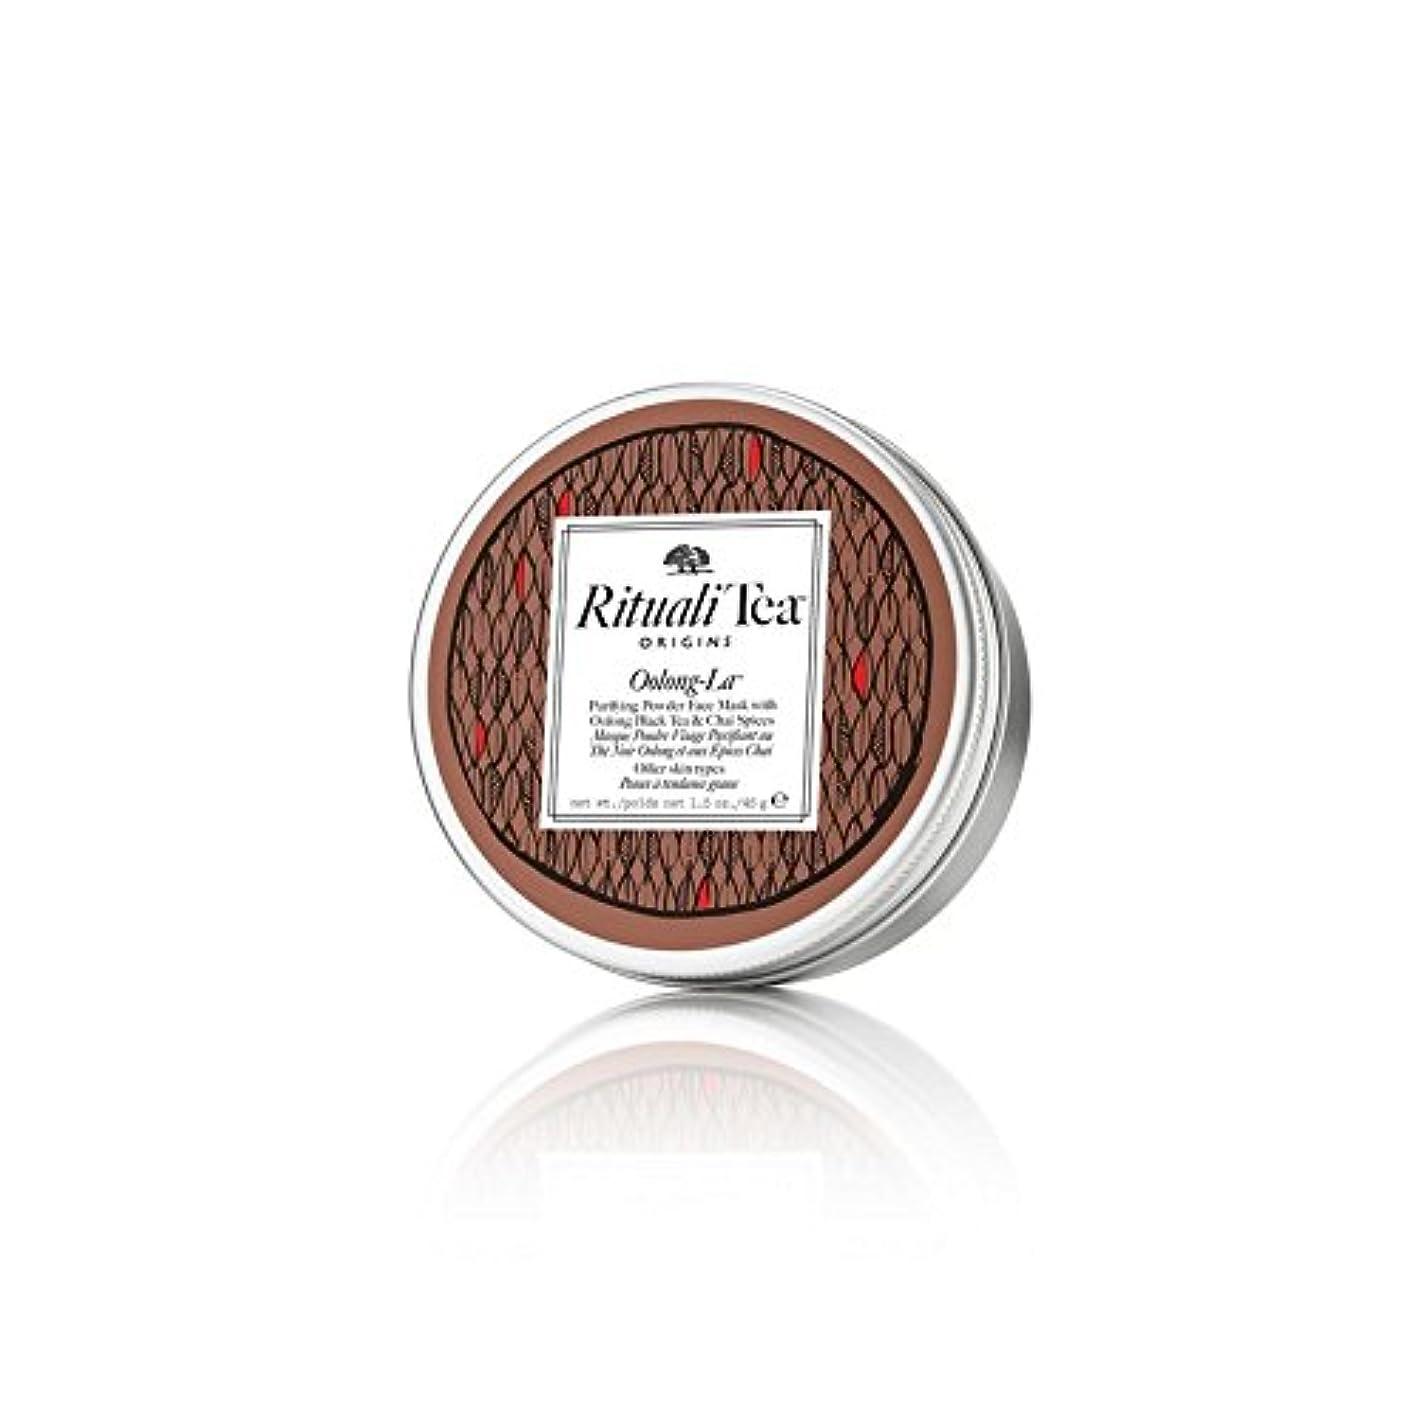 全滅させる幸運なルーフ起源抹茶フェイスマスク烏龍茶ラ45グラム x4 - Origins Powdered Tea Face Mask Oolong-La 45g (Pack of 4) [並行輸入品]